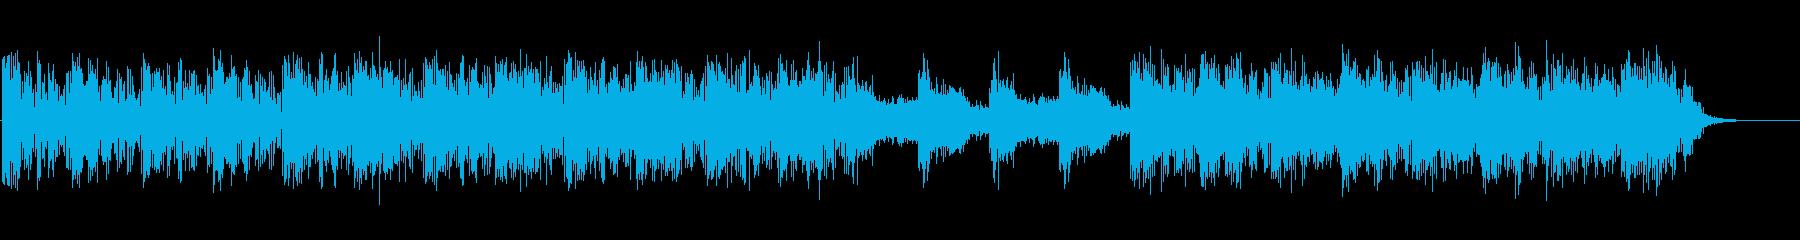 映像向けニューエイジ系のBGM(WAV)の再生済みの波形